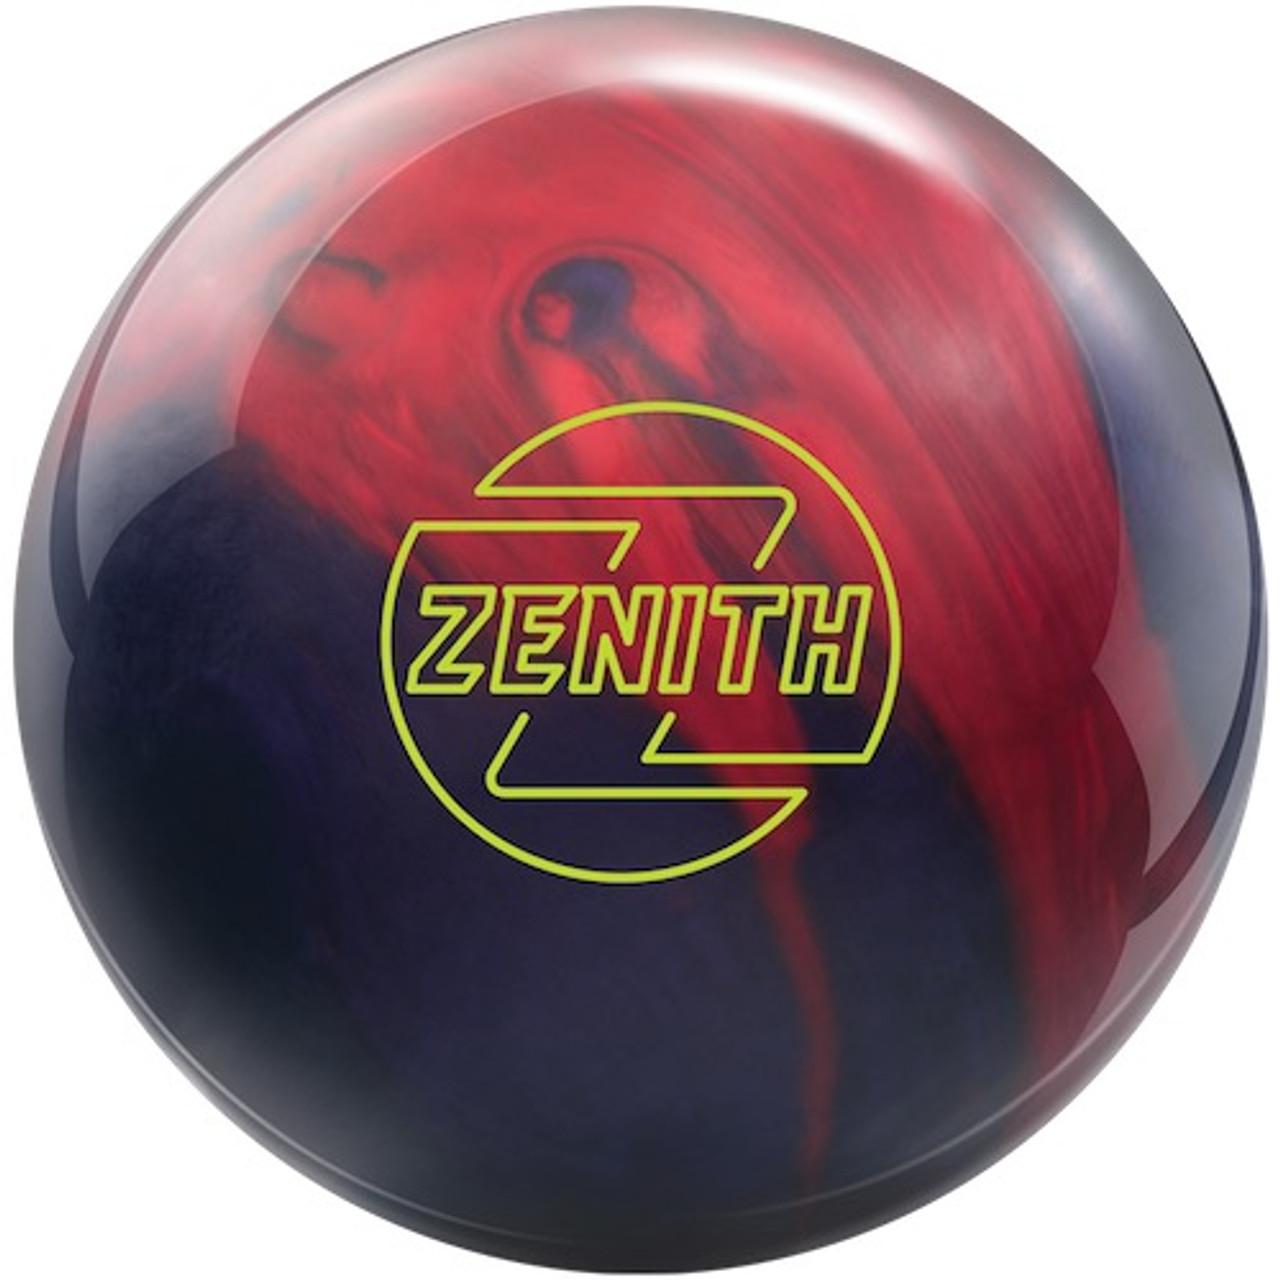 Brunswick Zenith Pearl Bowling Ball